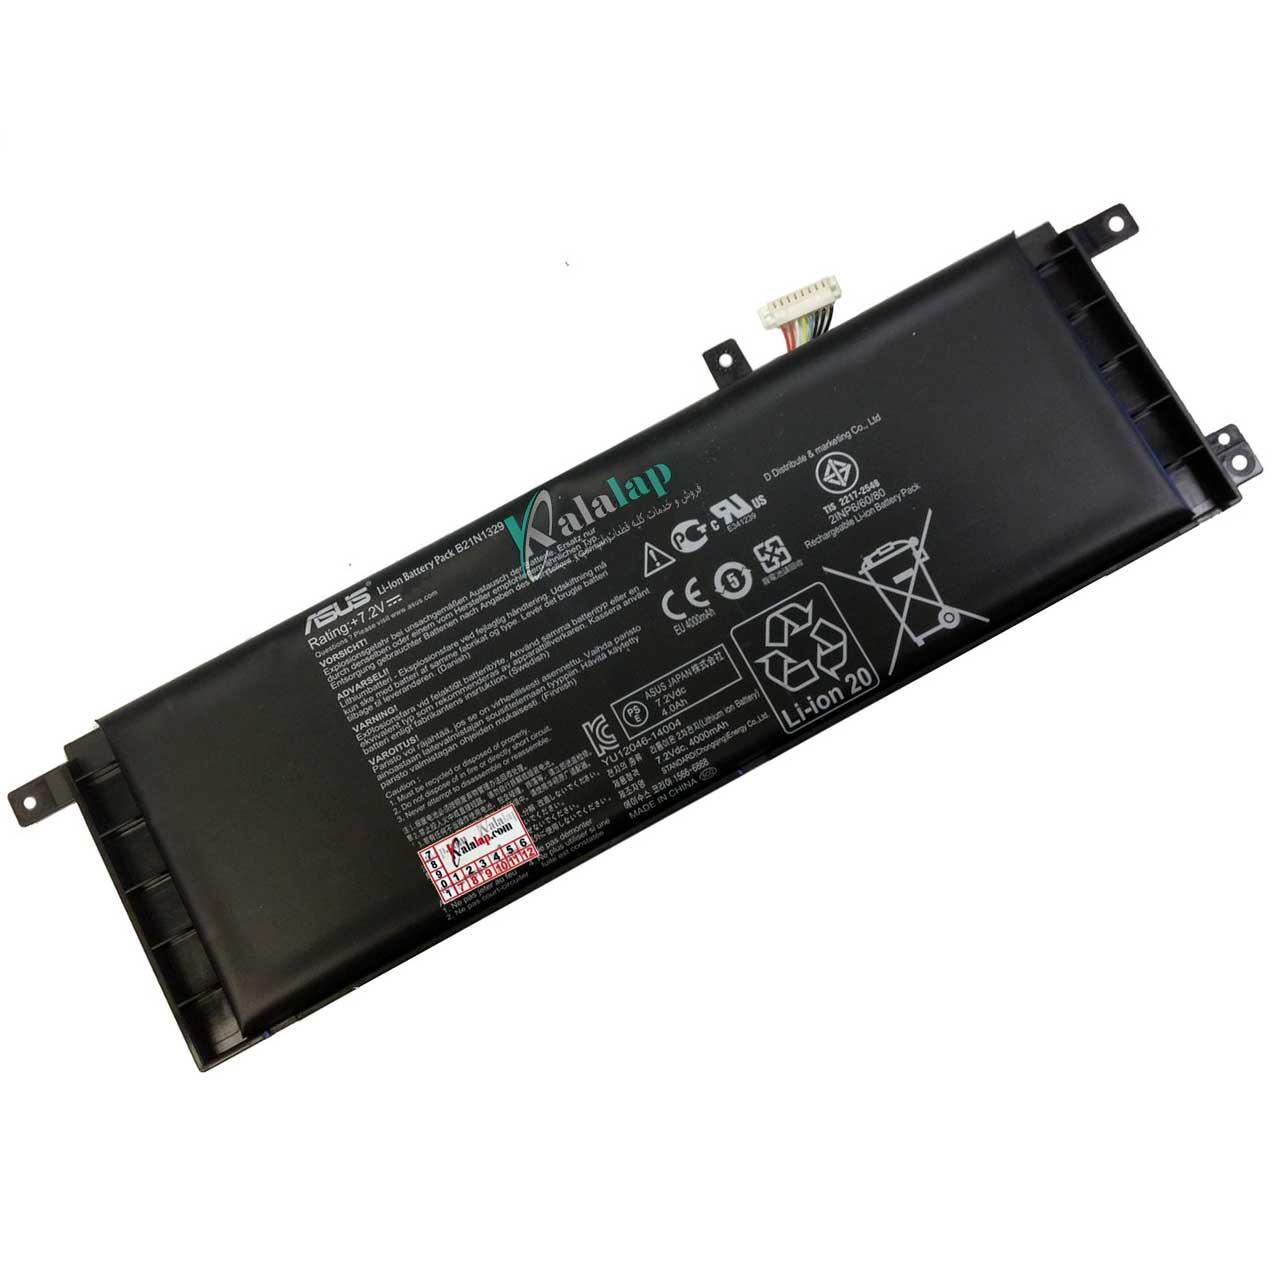 باتری لپ تاپ ایسوس X553 D553 X453 B21N1329